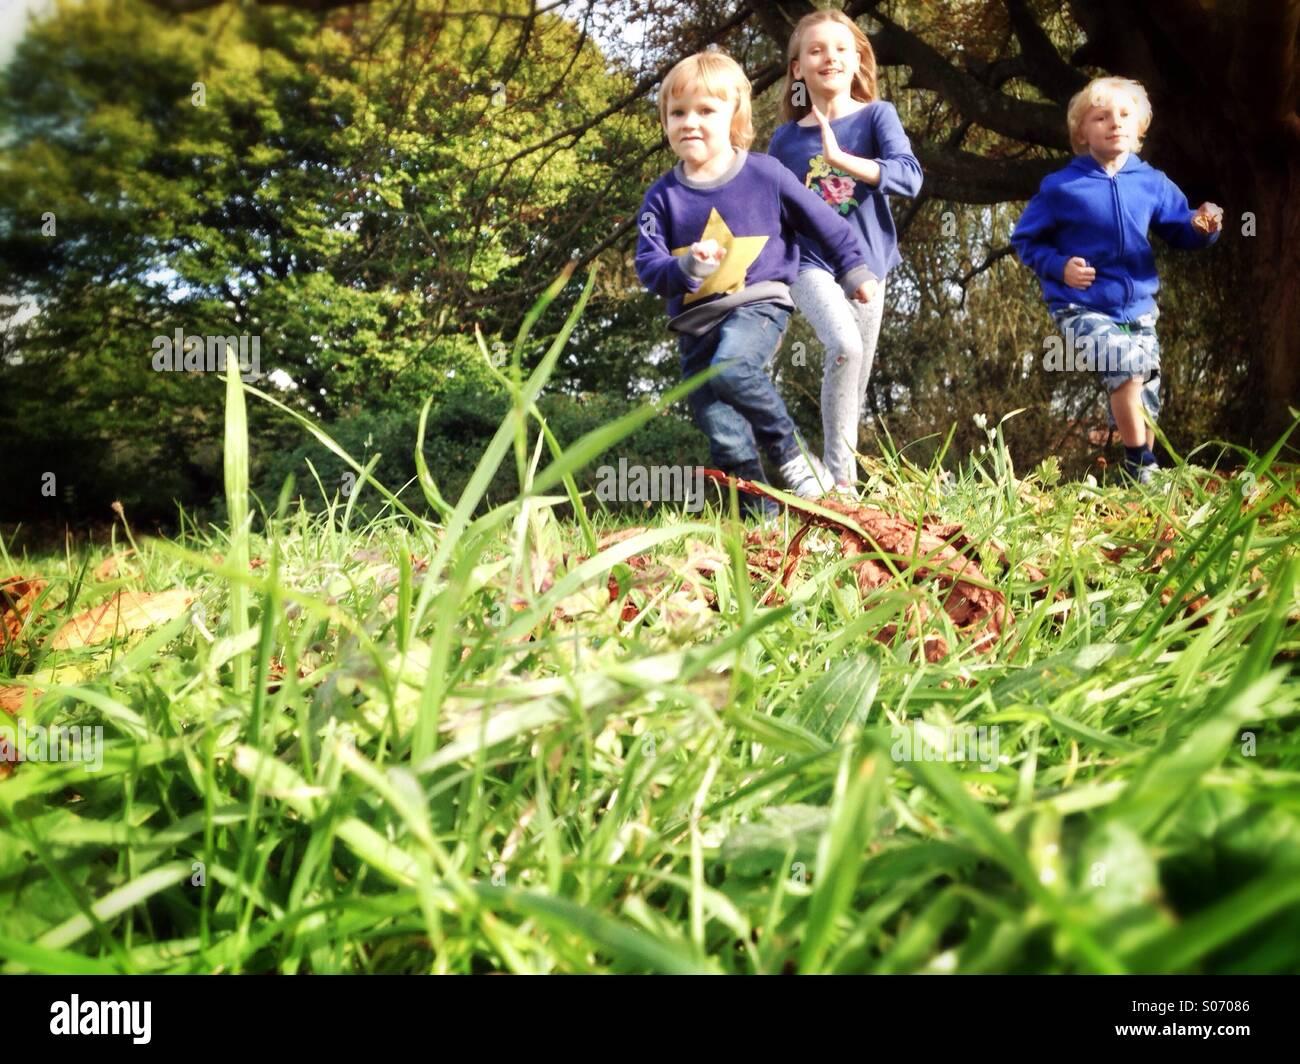 Les enfants courent à travers un champ Photo Stock